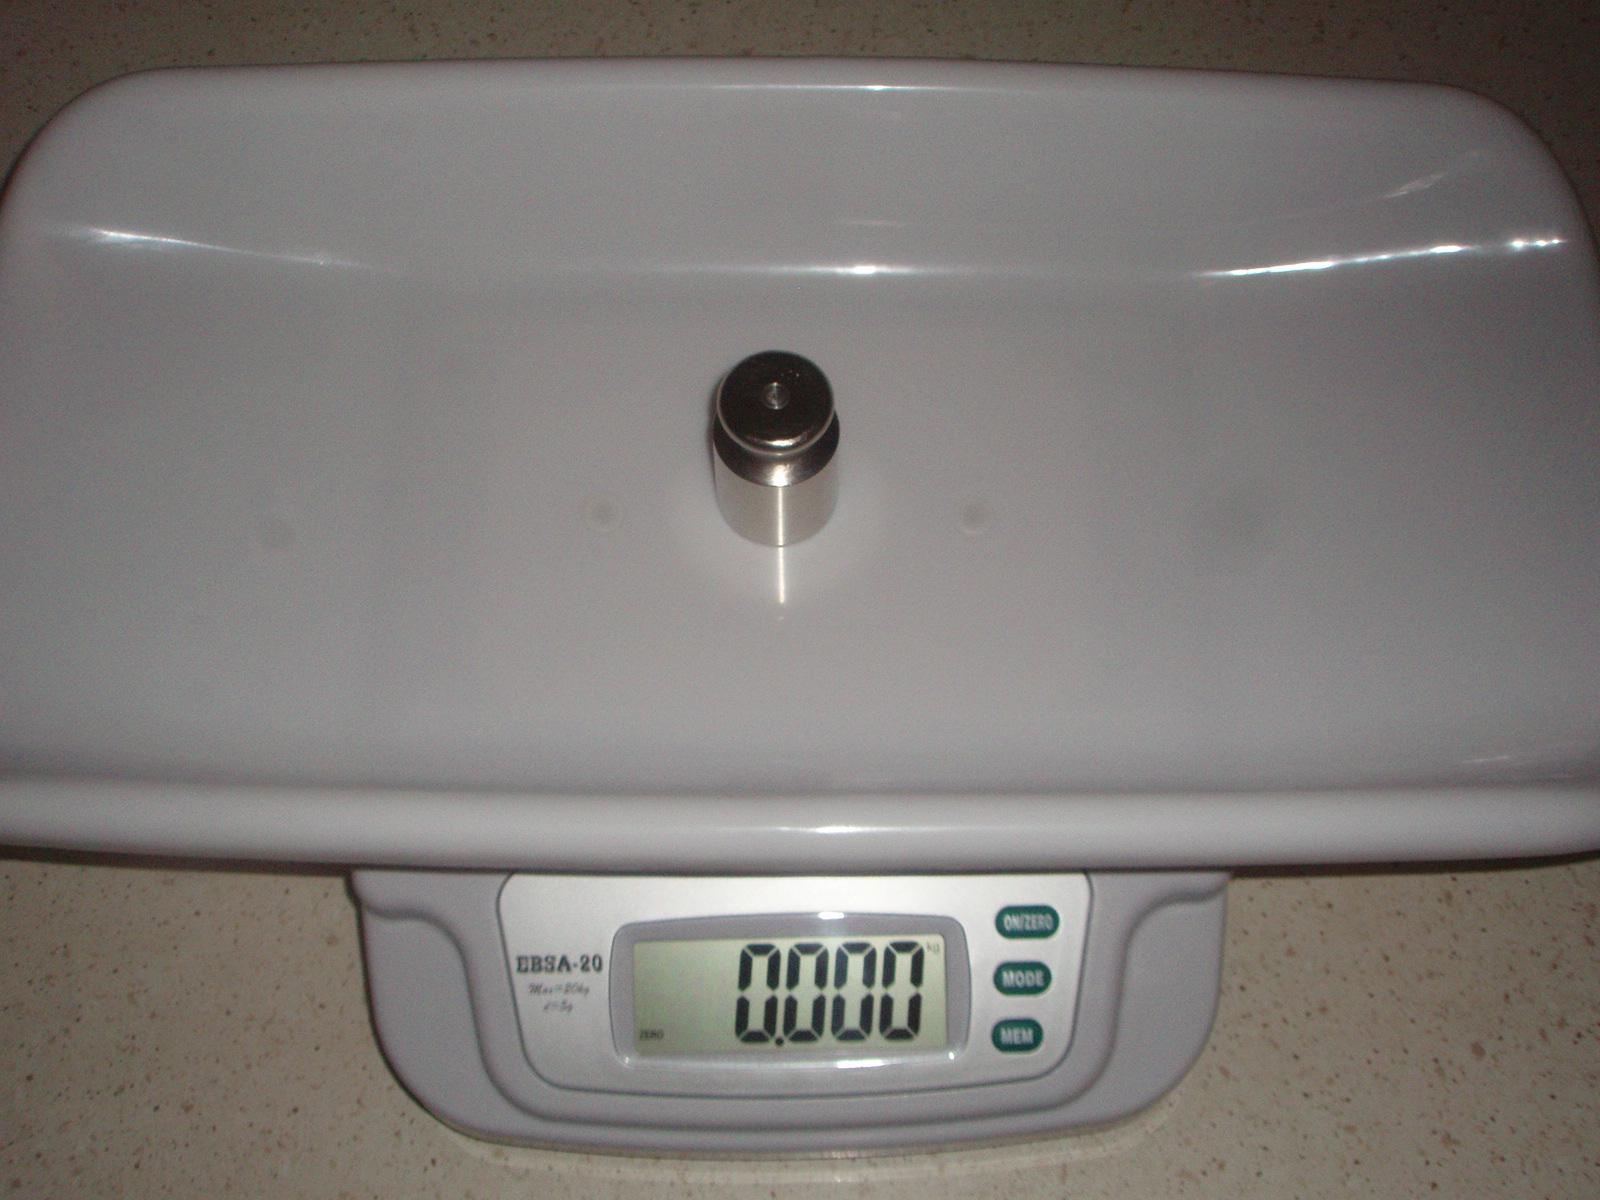 Детские весы EBSA-20,(фото 5)